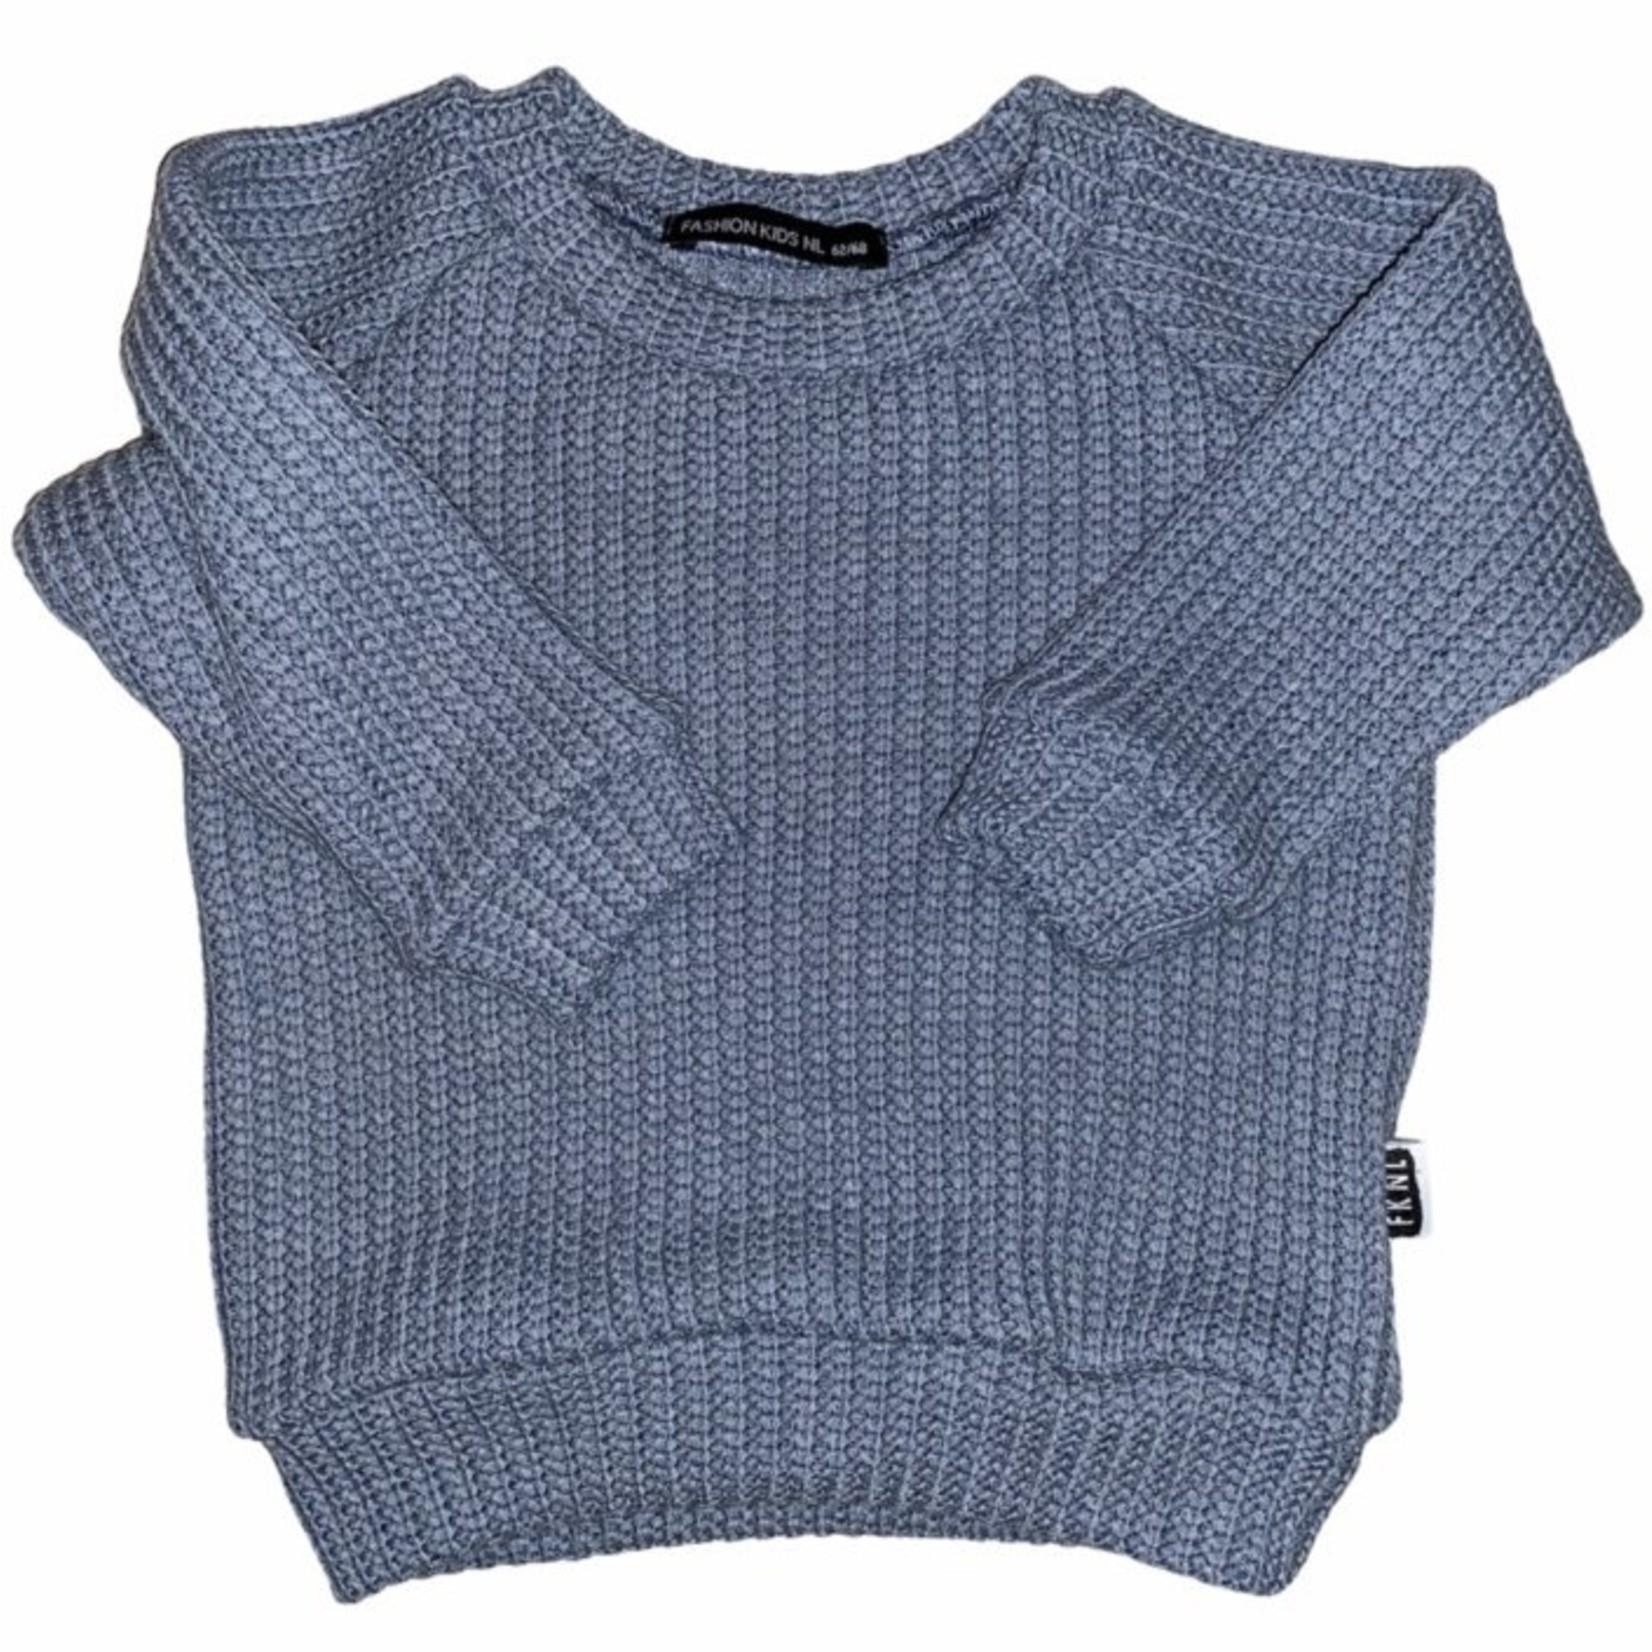 Fashion Kids  Oversized sweater ocean blue